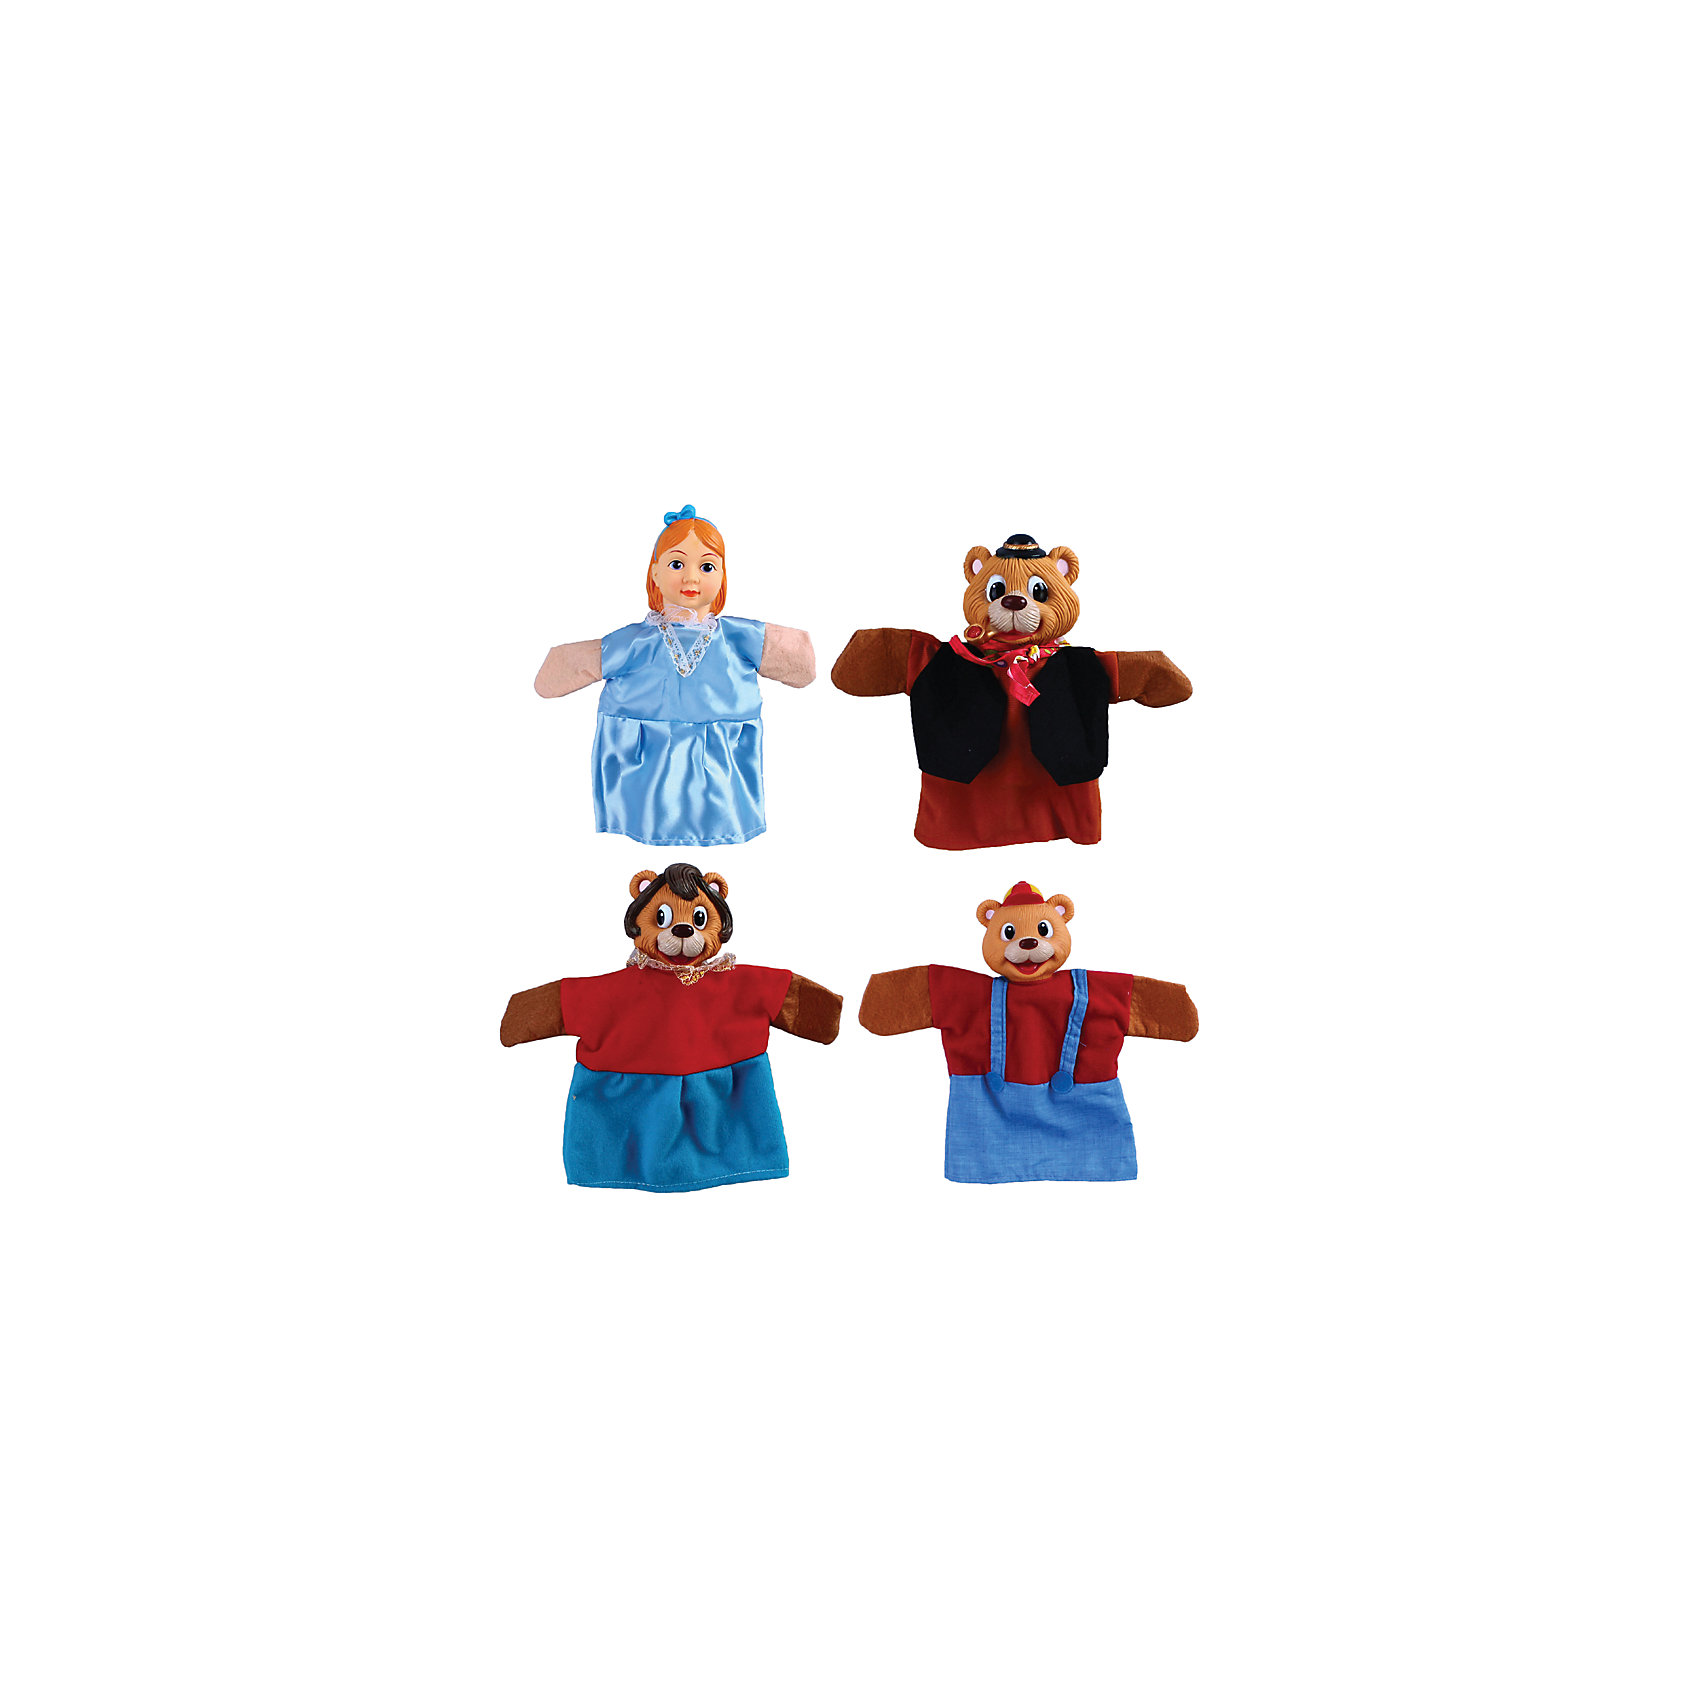 Кукольный театр Три медведя, 4 куклы, ЖирафикиМягкие игрушки на руку<br>Кукольный театр – настоящее искусство! Погрузите малыша в детский мир драмы с помощью уникальных игрушек – кукол! Играйте с ребенком вместе, показывайте ему свое представление или устройте настоящий домашний спектакль перед родными. Игра такого плана развивает у малыша актерские способности, любовь к выступлениям на публике, а так же улучшает творческие способности и развивает фантазию и воображение. Материалы, использованные при изготовлении товара, абсолютно безопасны и отвечают всем международным требованиям по качеству.<br><br>Дополнительные характеристики:<br><br>материал: пластик, ПВХ;<br>цвет: разноцветный;<br>количество: 4 куклы;<br>габариты: 20 X 7 X 29 см.<br><br>Кукольный театр Три медведя от компании Жирафики можно приобрести в нашем магазине.<br><br>Ширина мм: 587<br>Глубина мм: 473<br>Высота мм: 419<br>Вес г: 442<br>Возраст от месяцев: 36<br>Возраст до месяцев: 96<br>Пол: Унисекс<br>Возраст: Детский<br>SKU: 5032549